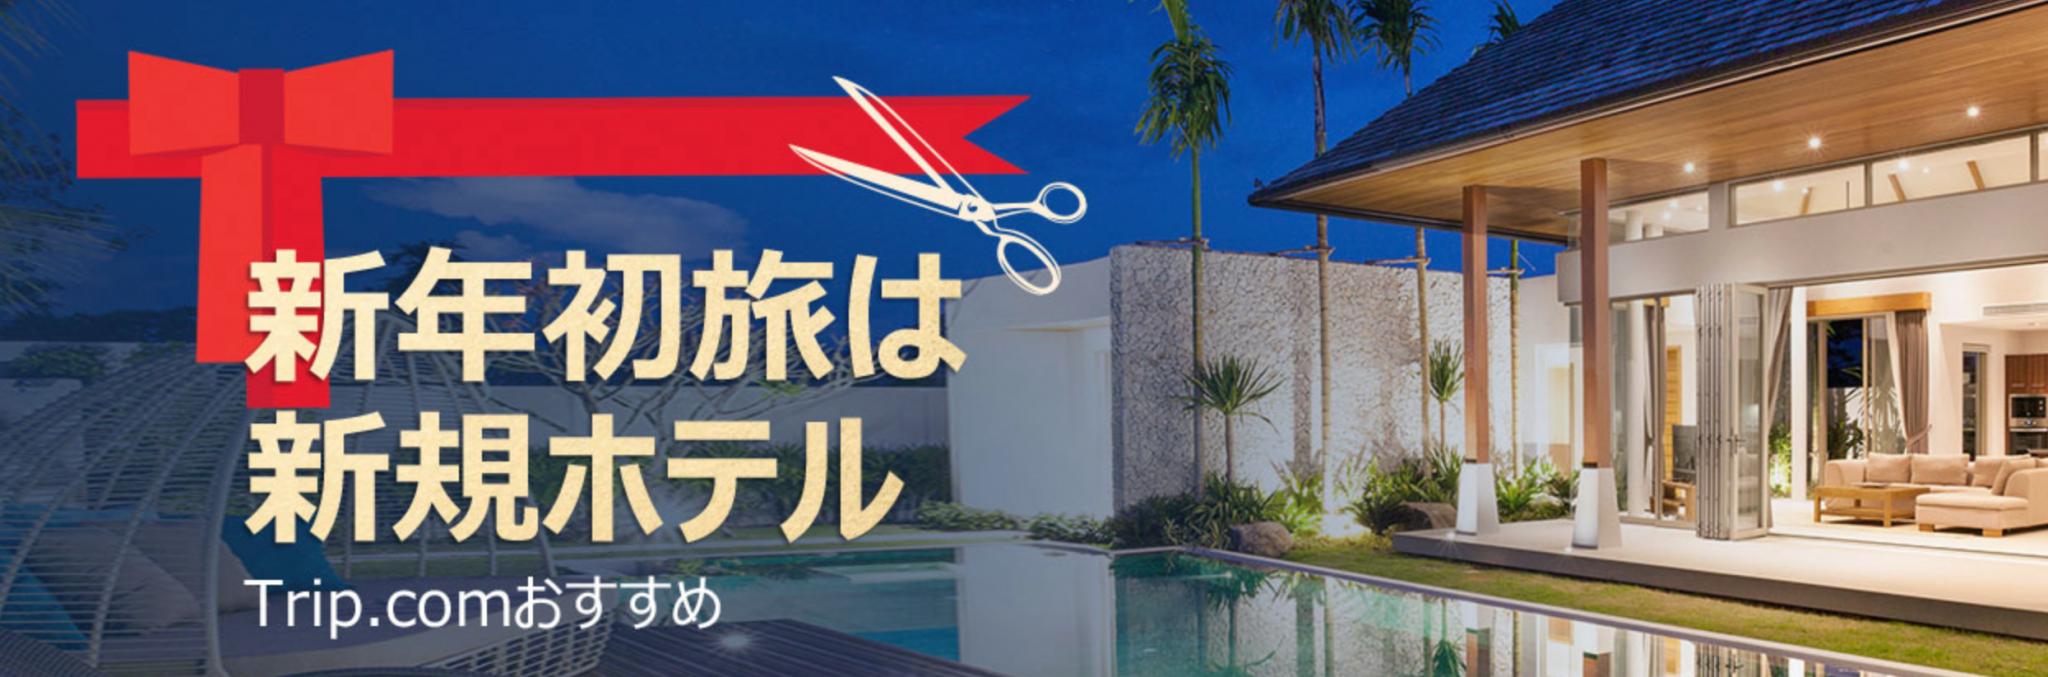 Trip.comの新規ホテル予約セール